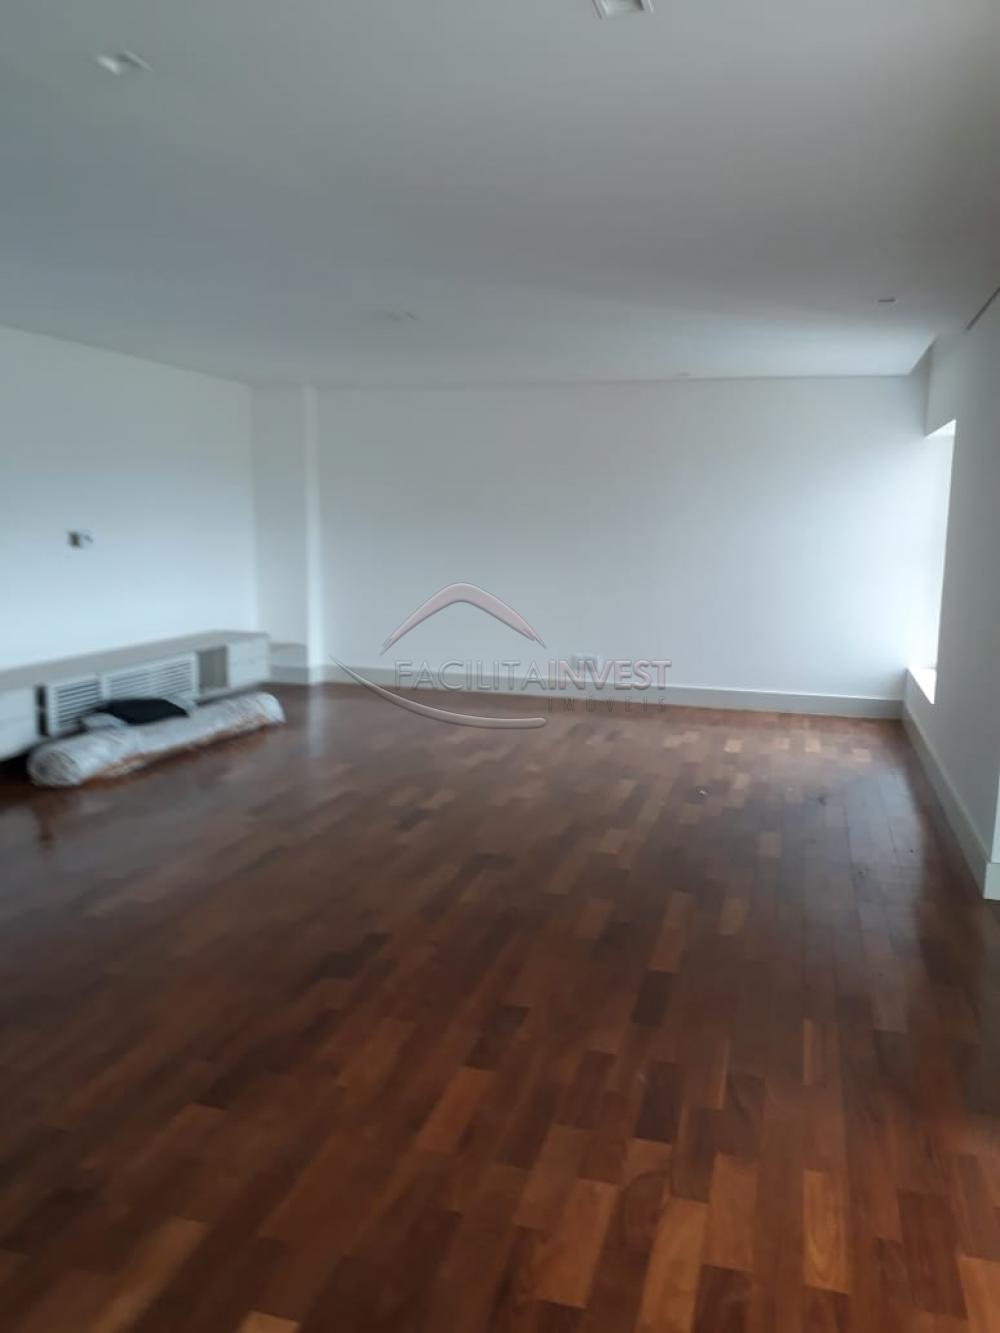 Alugar Apartamentos / Apart. Padrão em Ribeirão Preto apenas R$ 10.000,00 - Foto 5